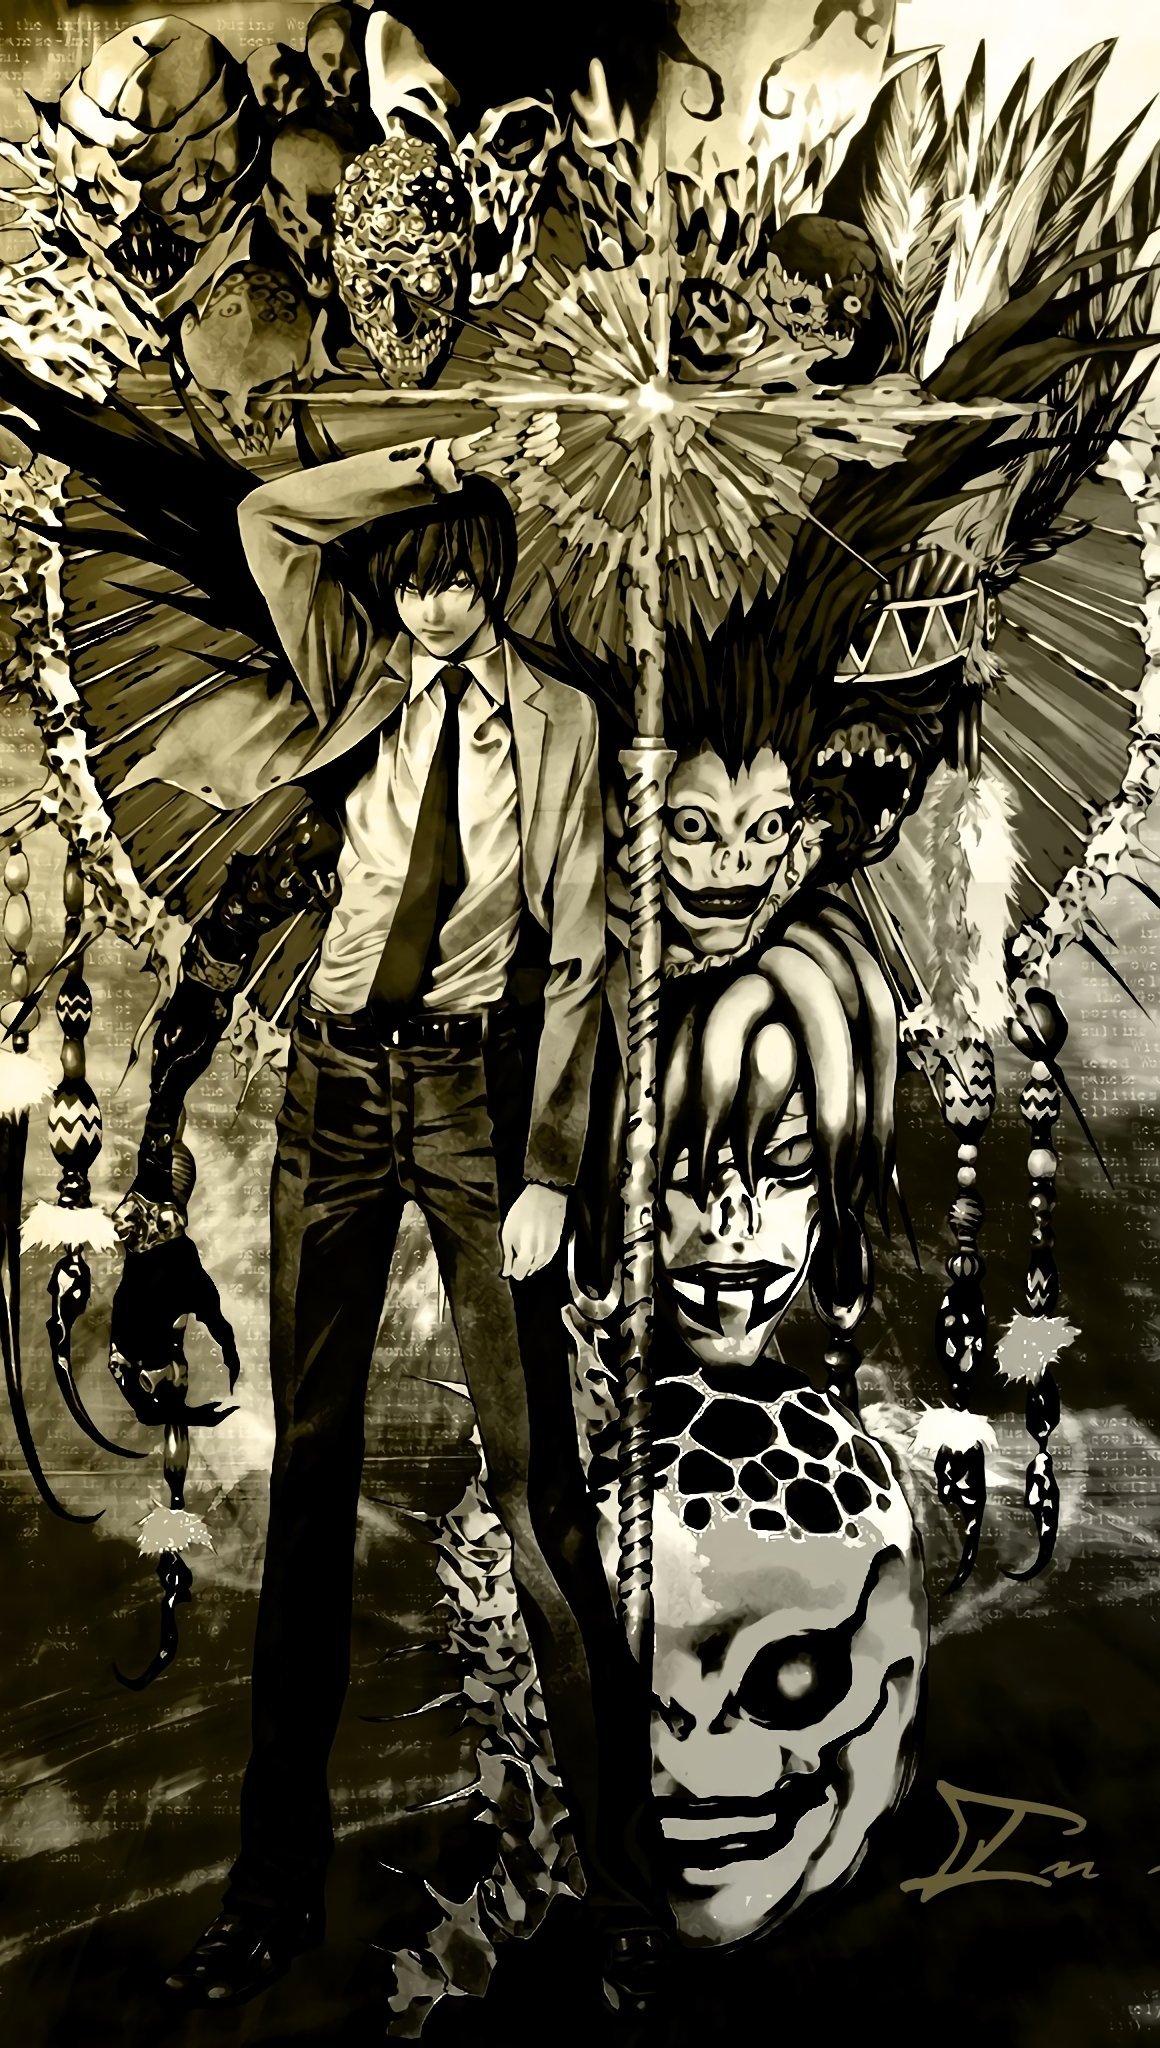 Fondos de pantalla Anime Death Note Vertical